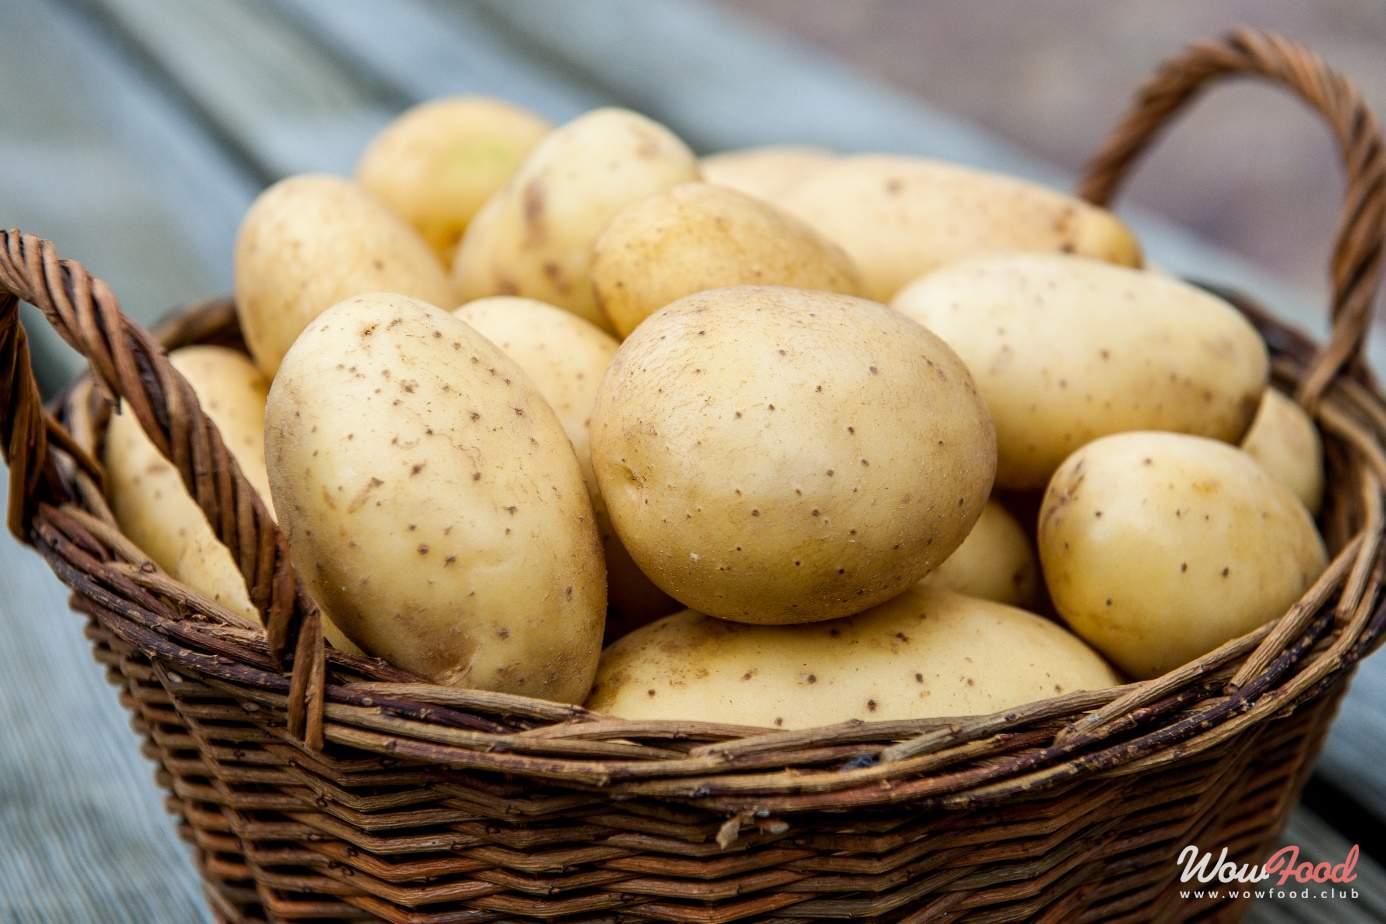 Способы применения картофеля, о которых вы и не думали!